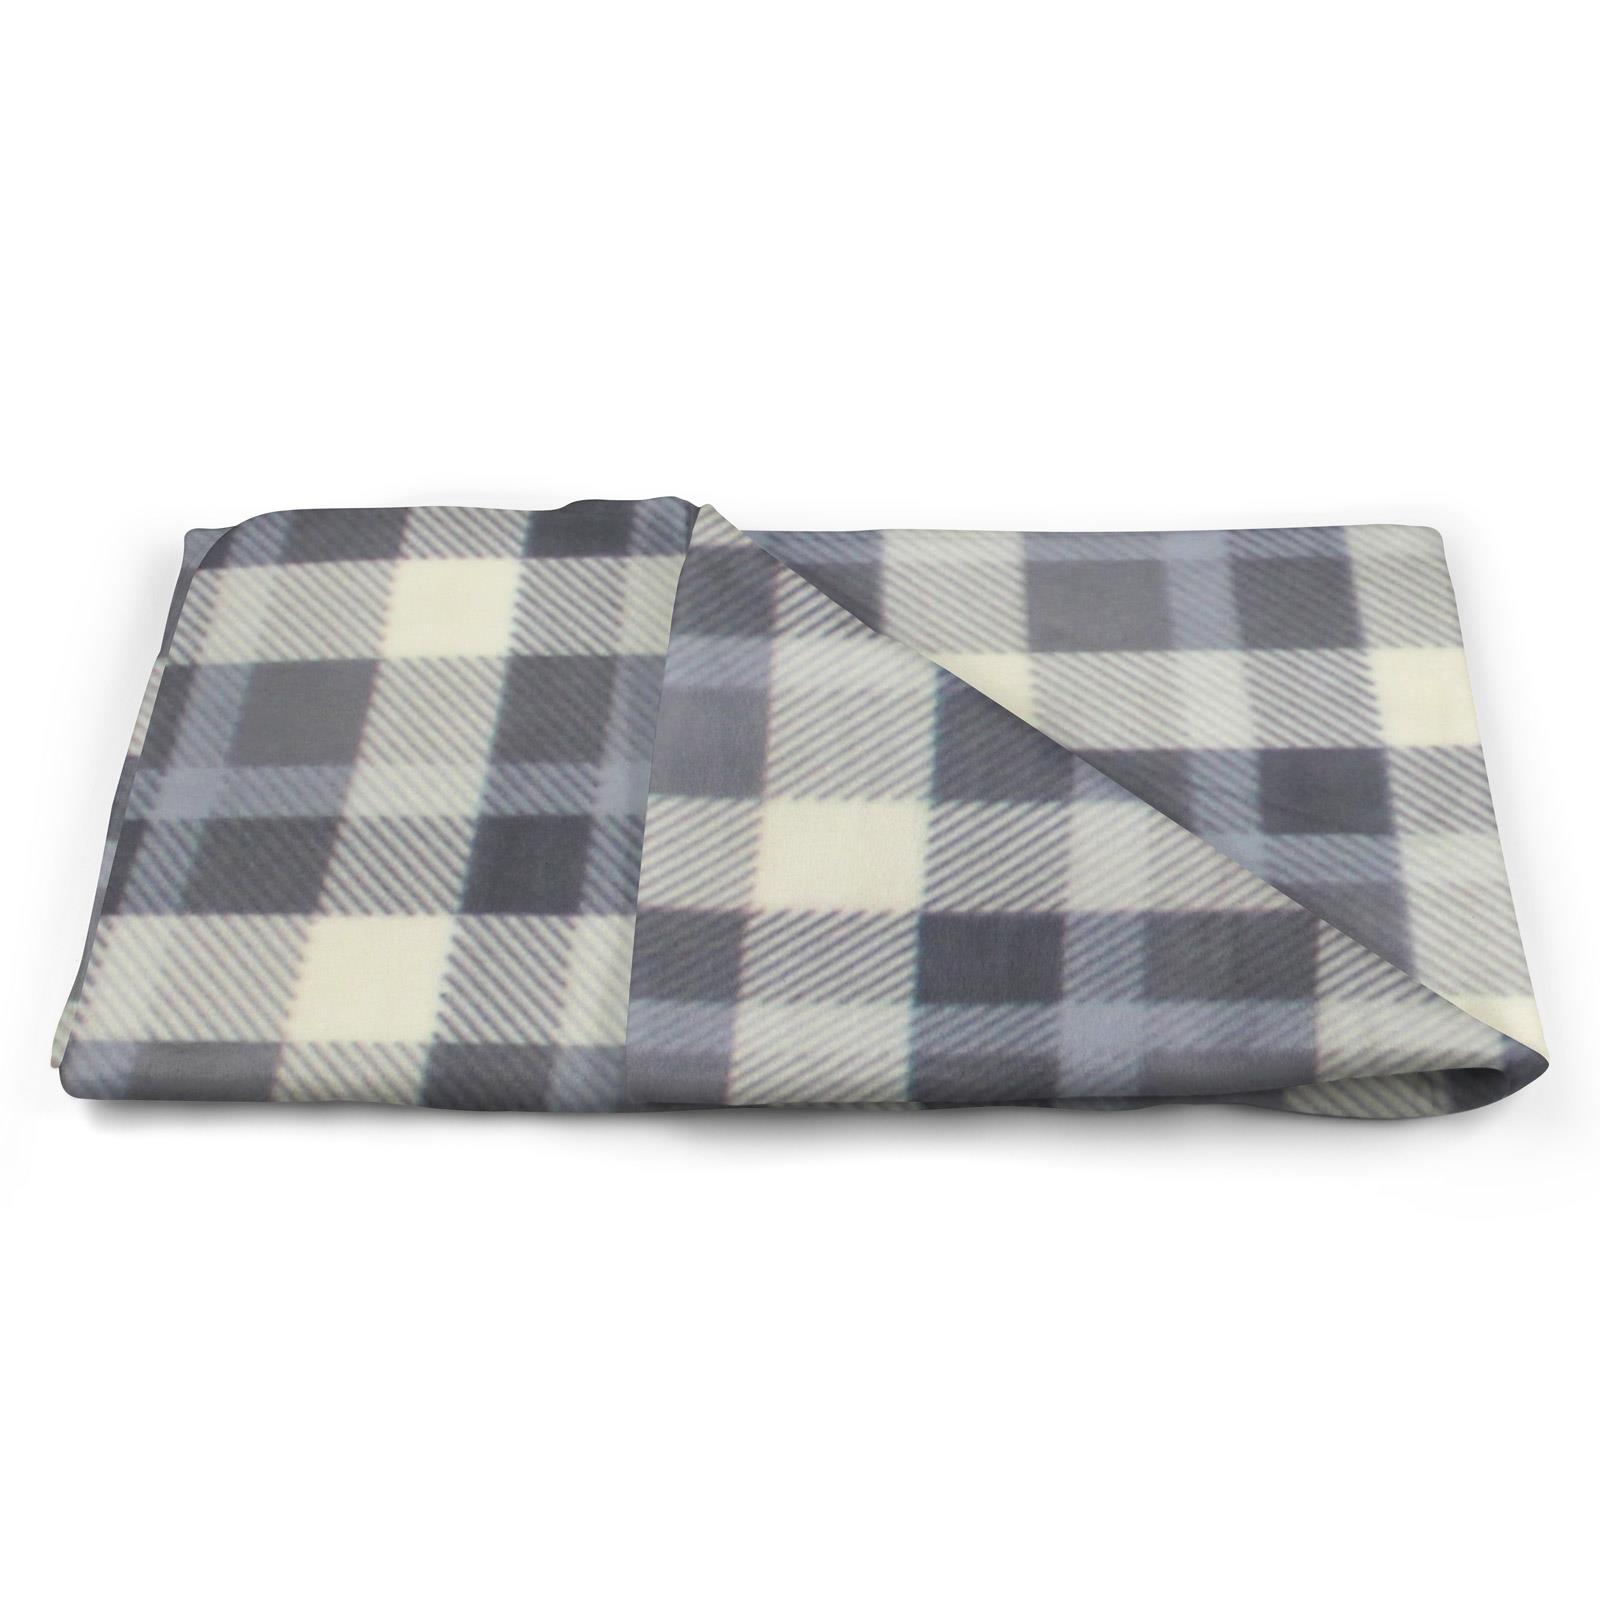 Sofa-de-verificacion-de-tartan-polar-mantas-polar-silla-acogedor-lanza-Manta-127cm-X-152cm miniatura 11